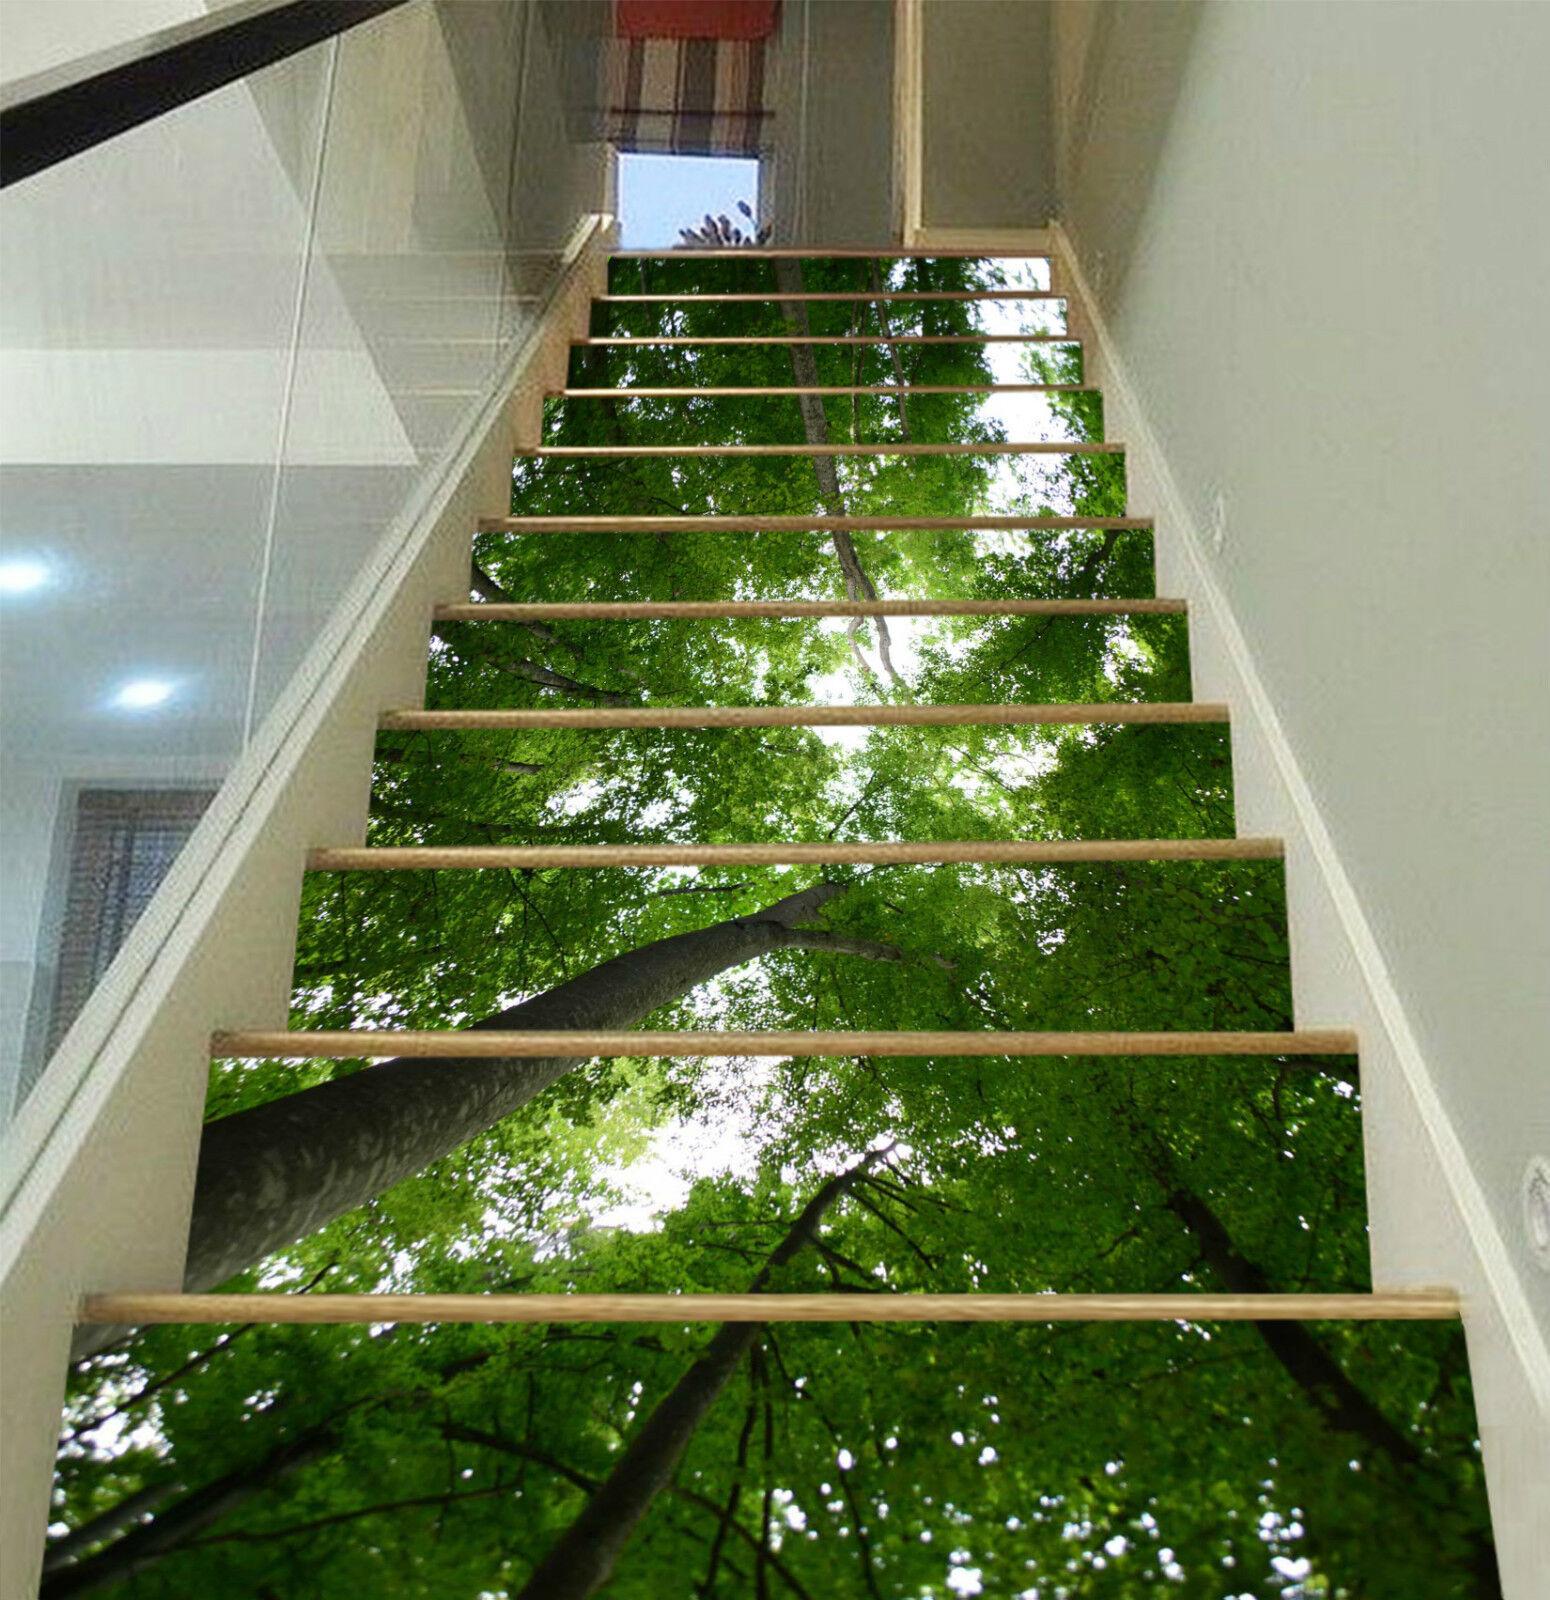 3D Grüner Baum 01 Stair Risers Dekoration Fototapete Vinyl Aufkleber Tapete DE